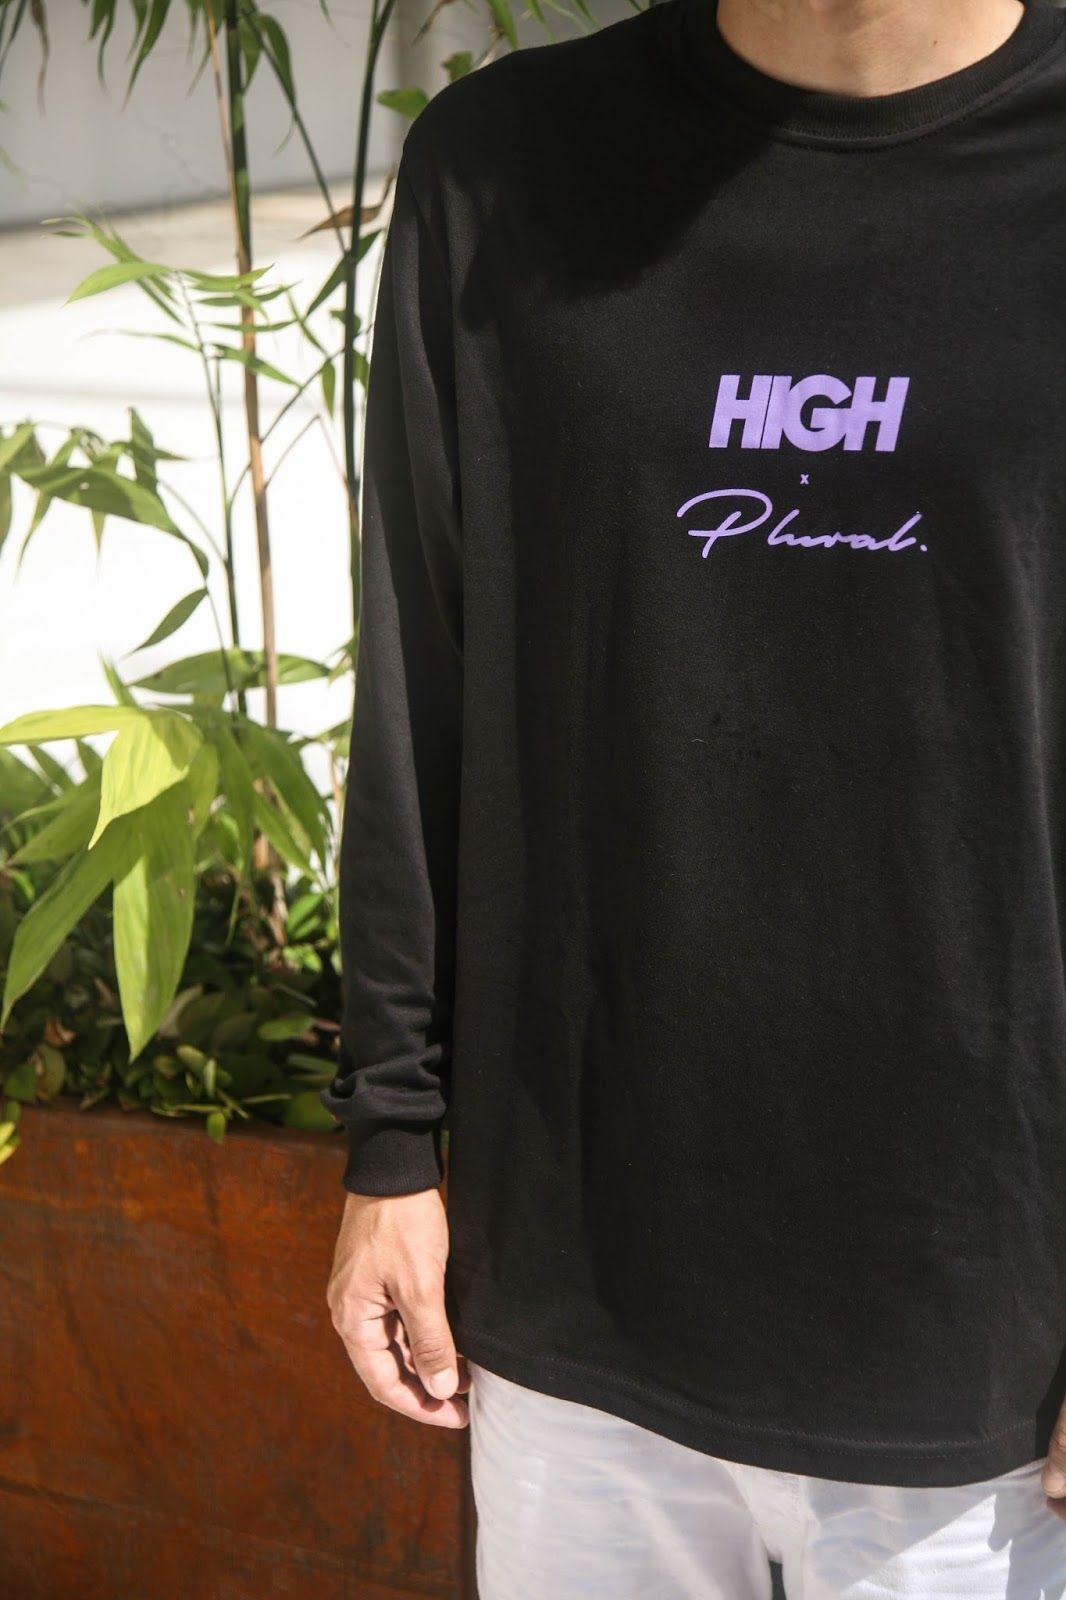 High Company x Plural Skate (Cápsula 2017)